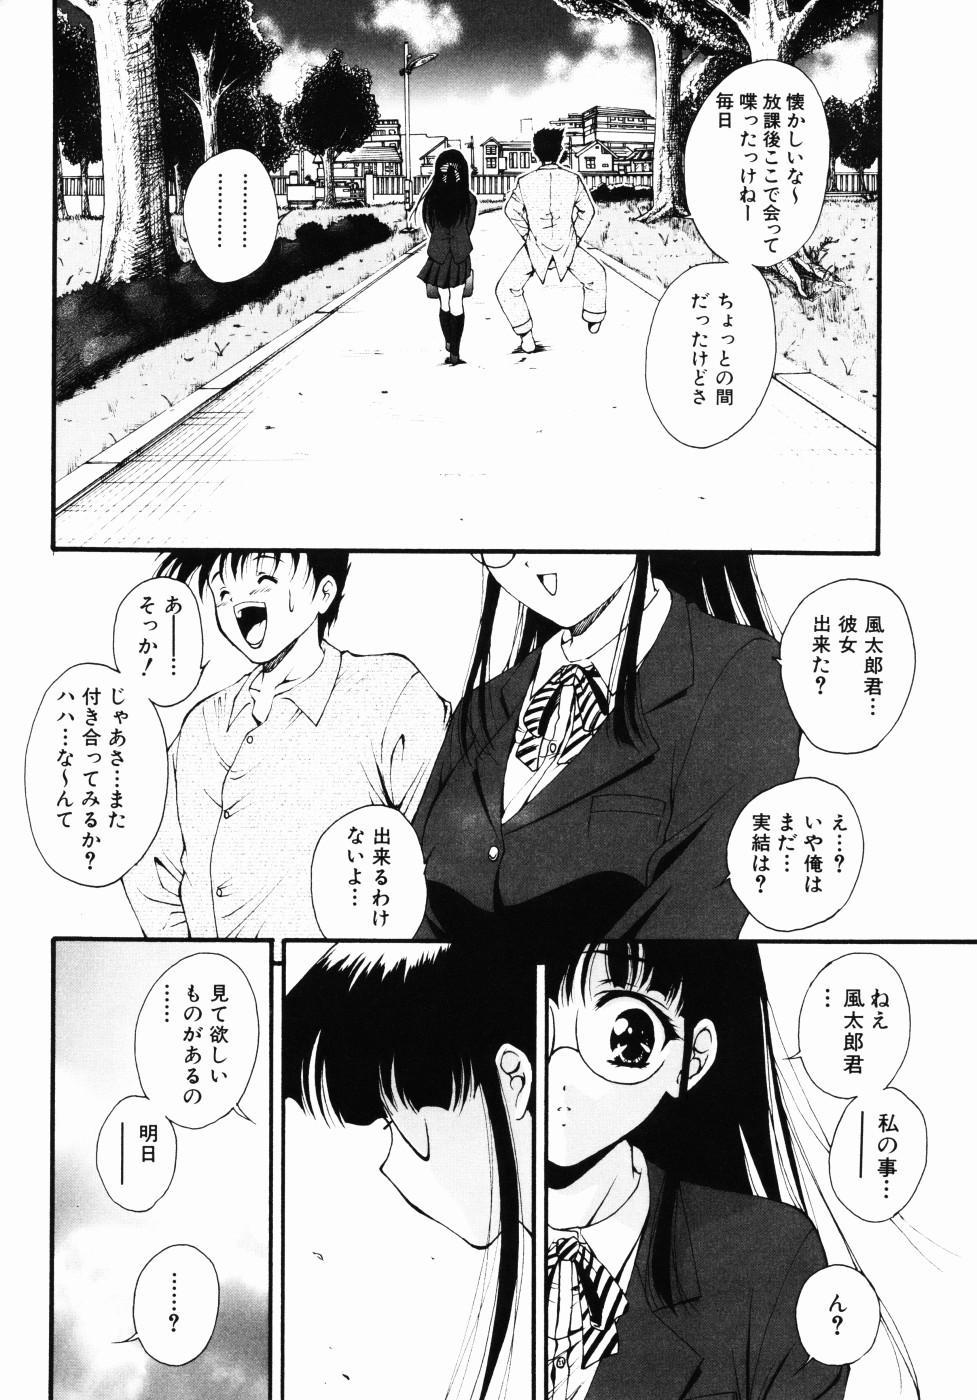 Daikyou Megami 38